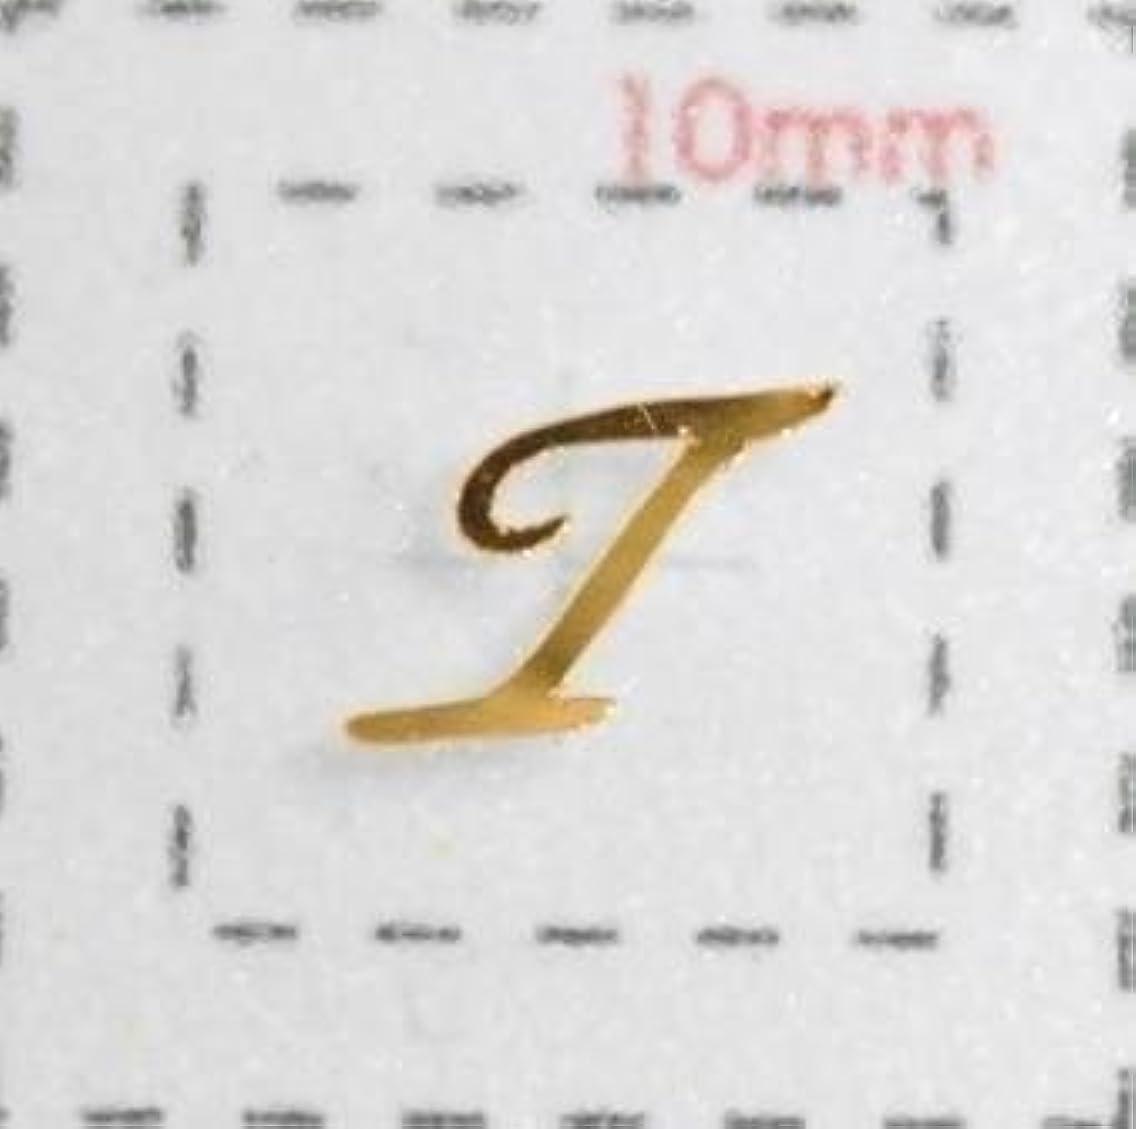 ペイントアクセントミニNameネイルシール【アルファベット?イニシャル】大文字ゴールド( T )1シート9枚入